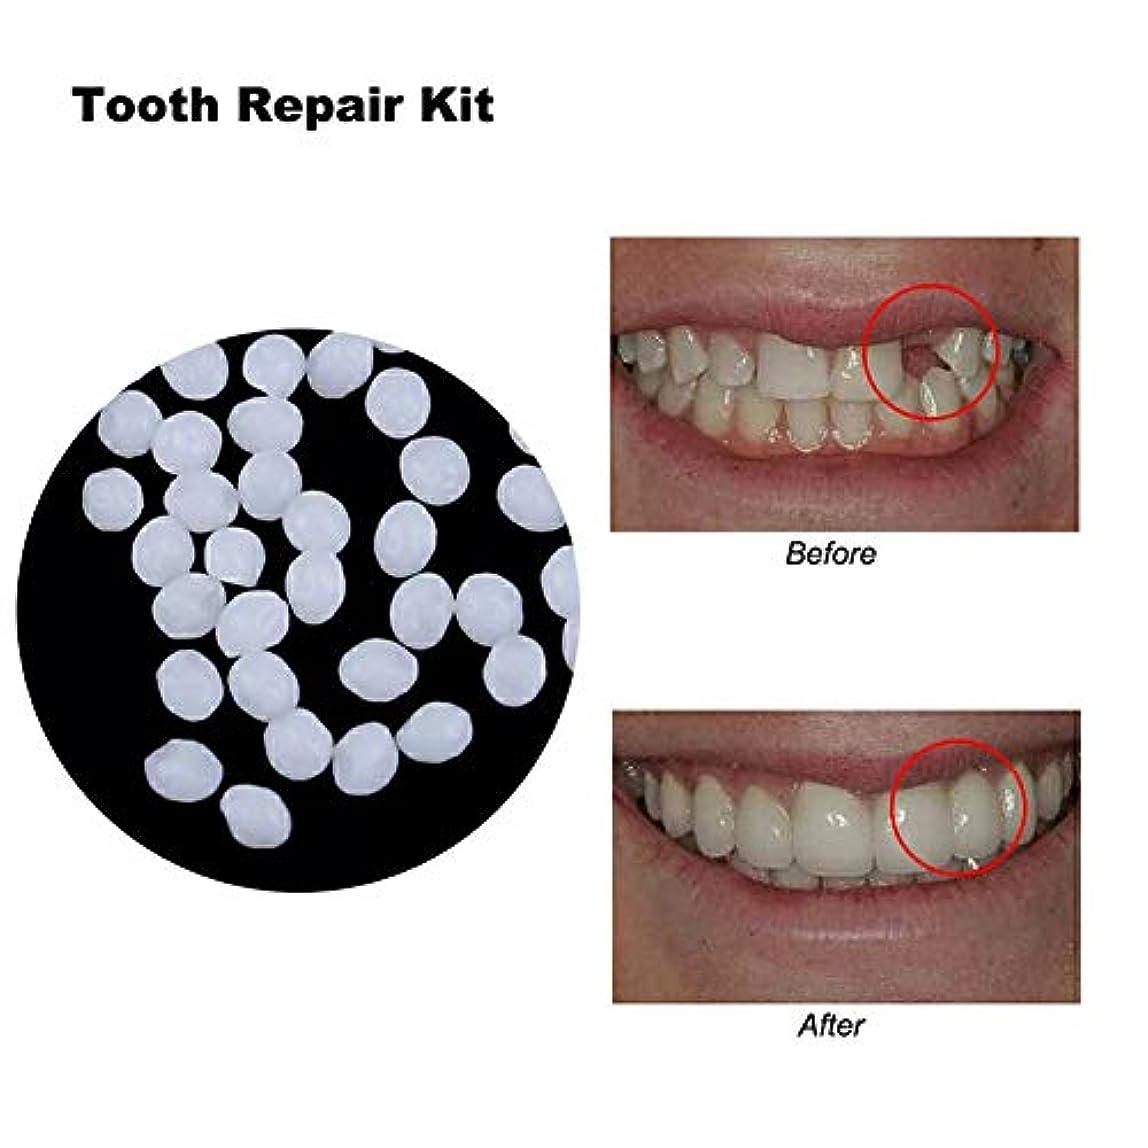 四回添加重大偽歯固体接着剤、樹脂の歯とギャップのための一時的な化粧品の歯の修復キットクリエイティブ義歯接着剤,30ml32g